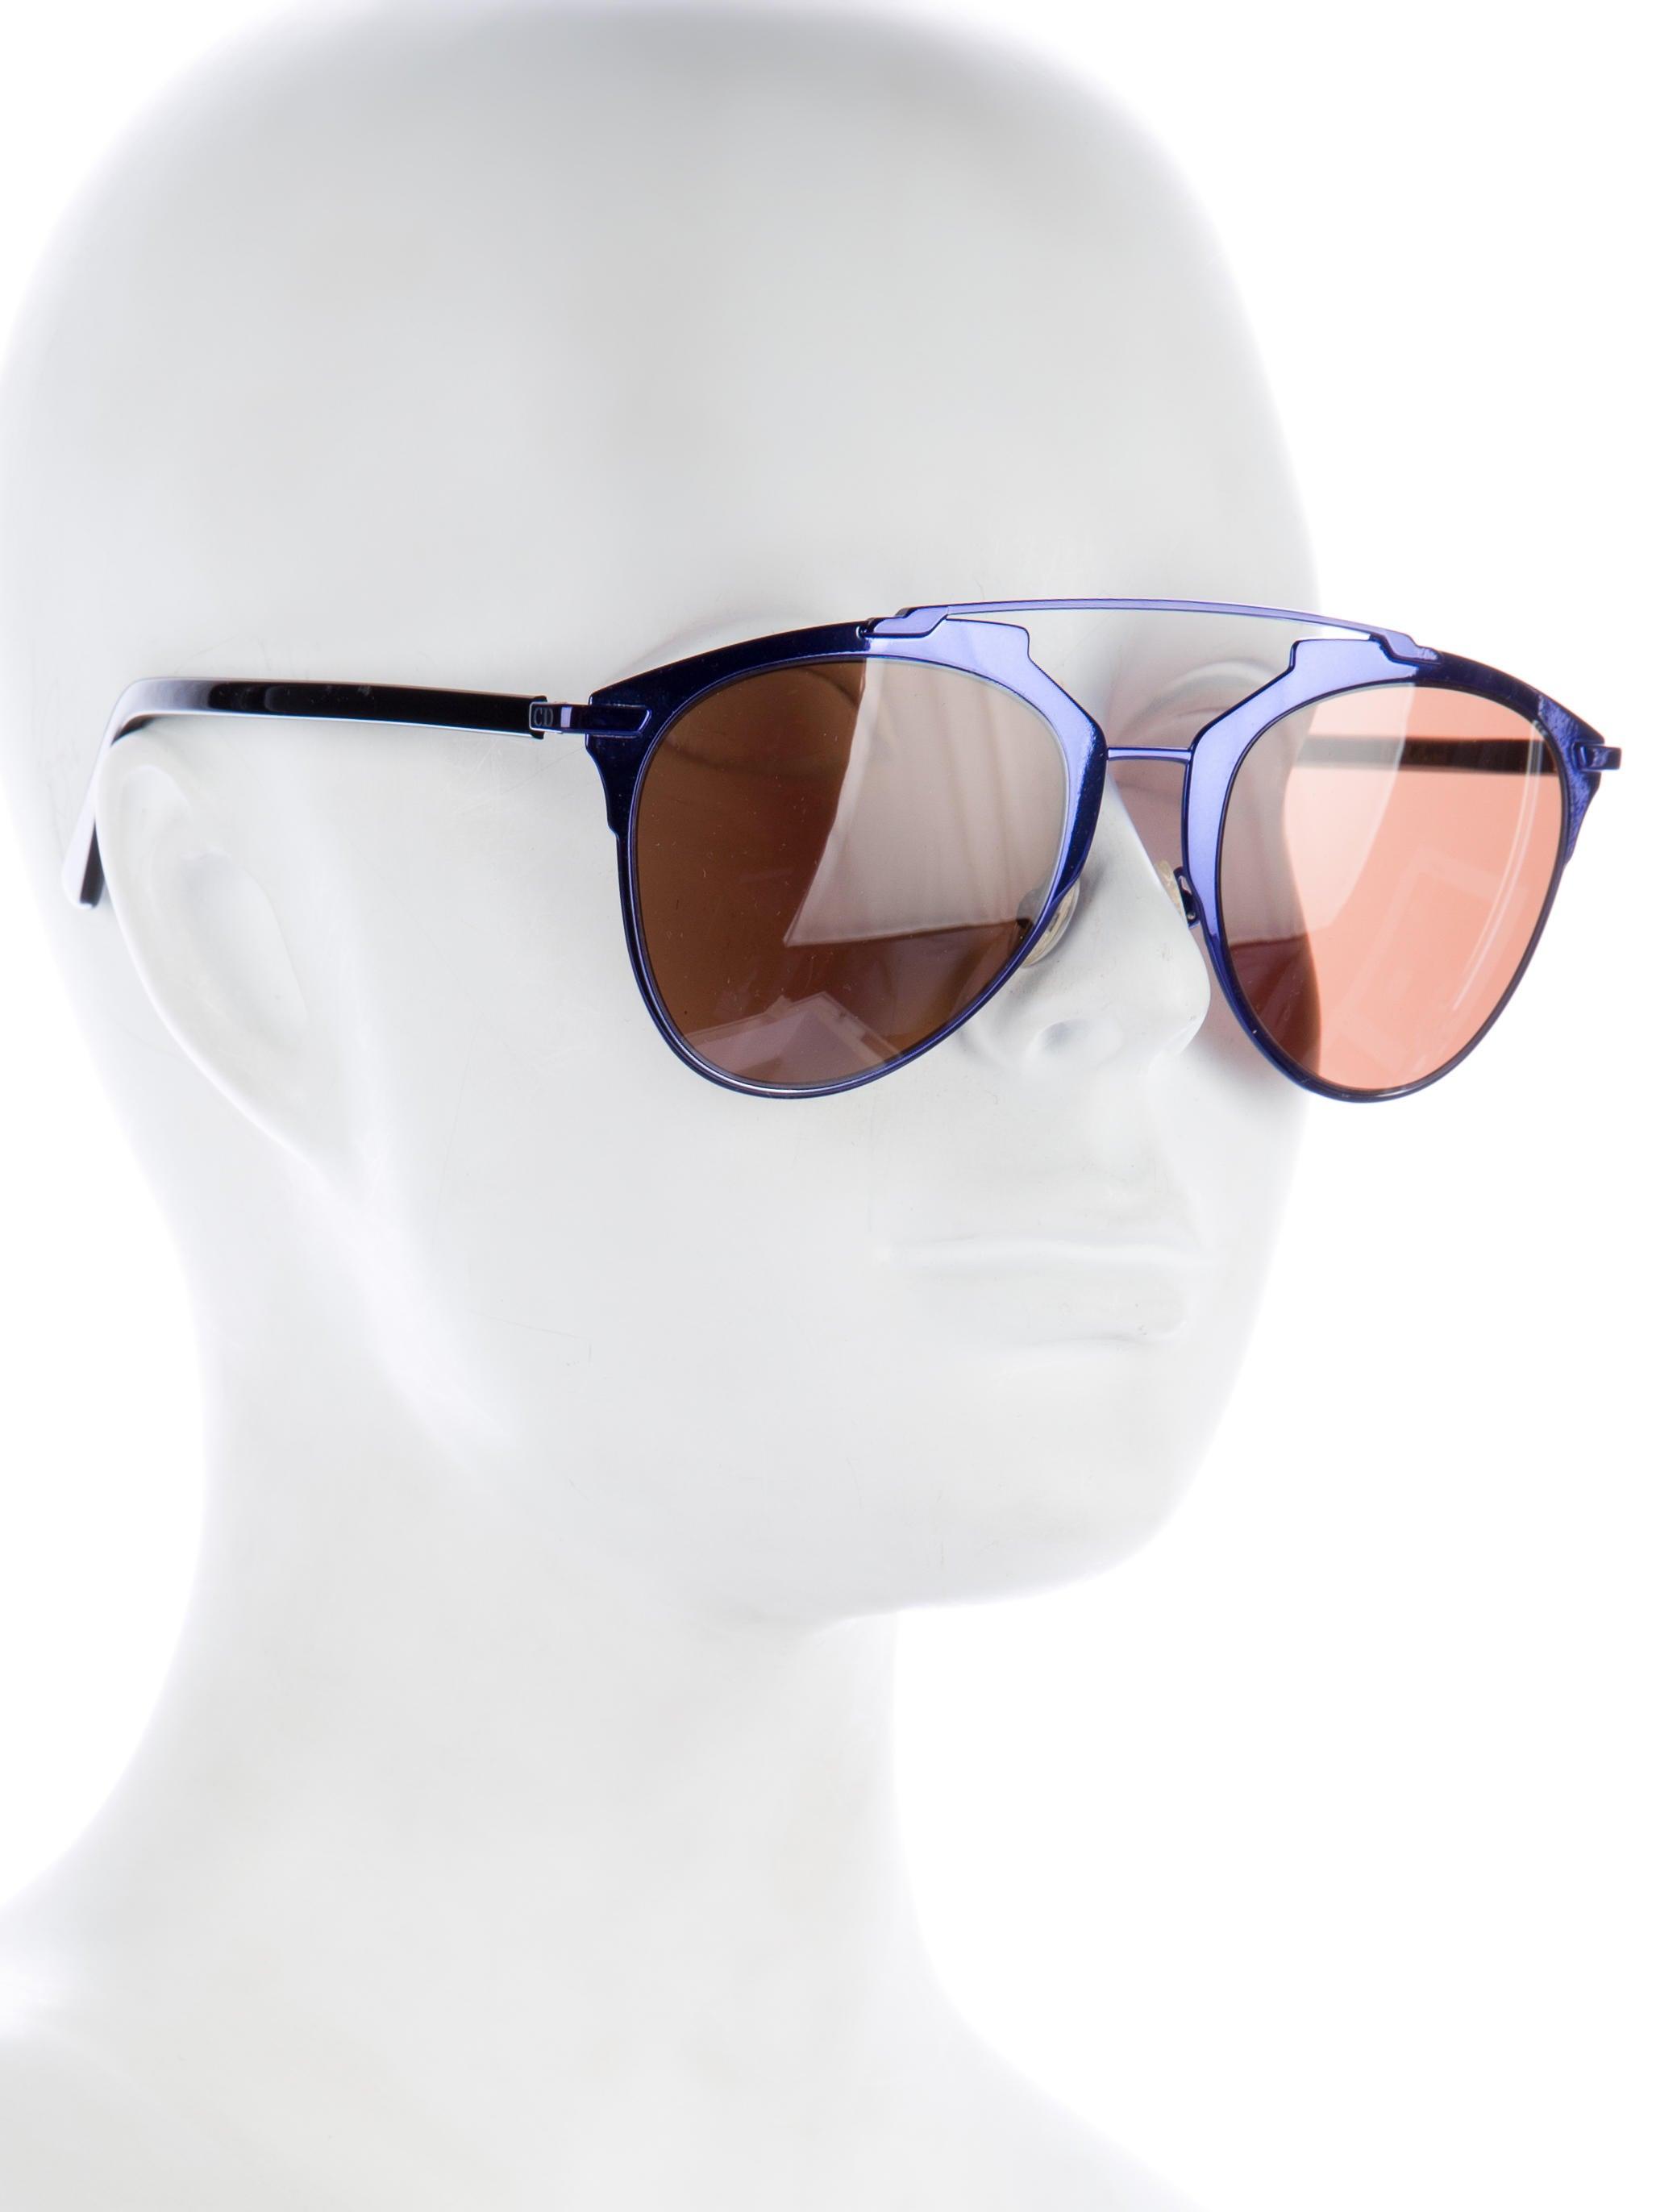 f68f00d19e9 Christian Dior So Real Sunglasses